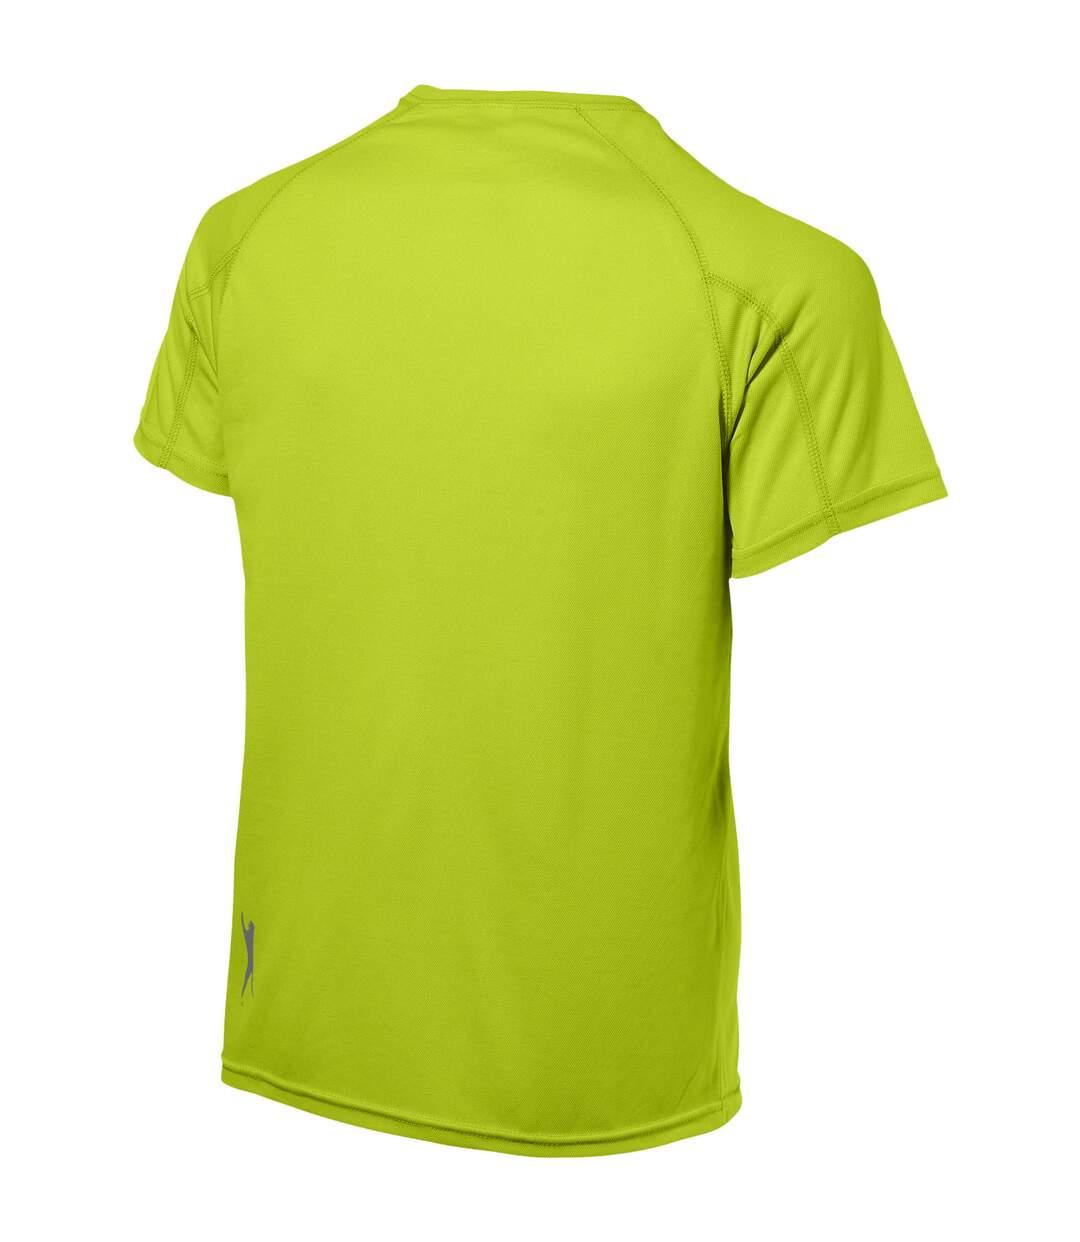 Slazenger Mens Serve Short Sleeve T-Shirt (Apple Green) - UTPF1730